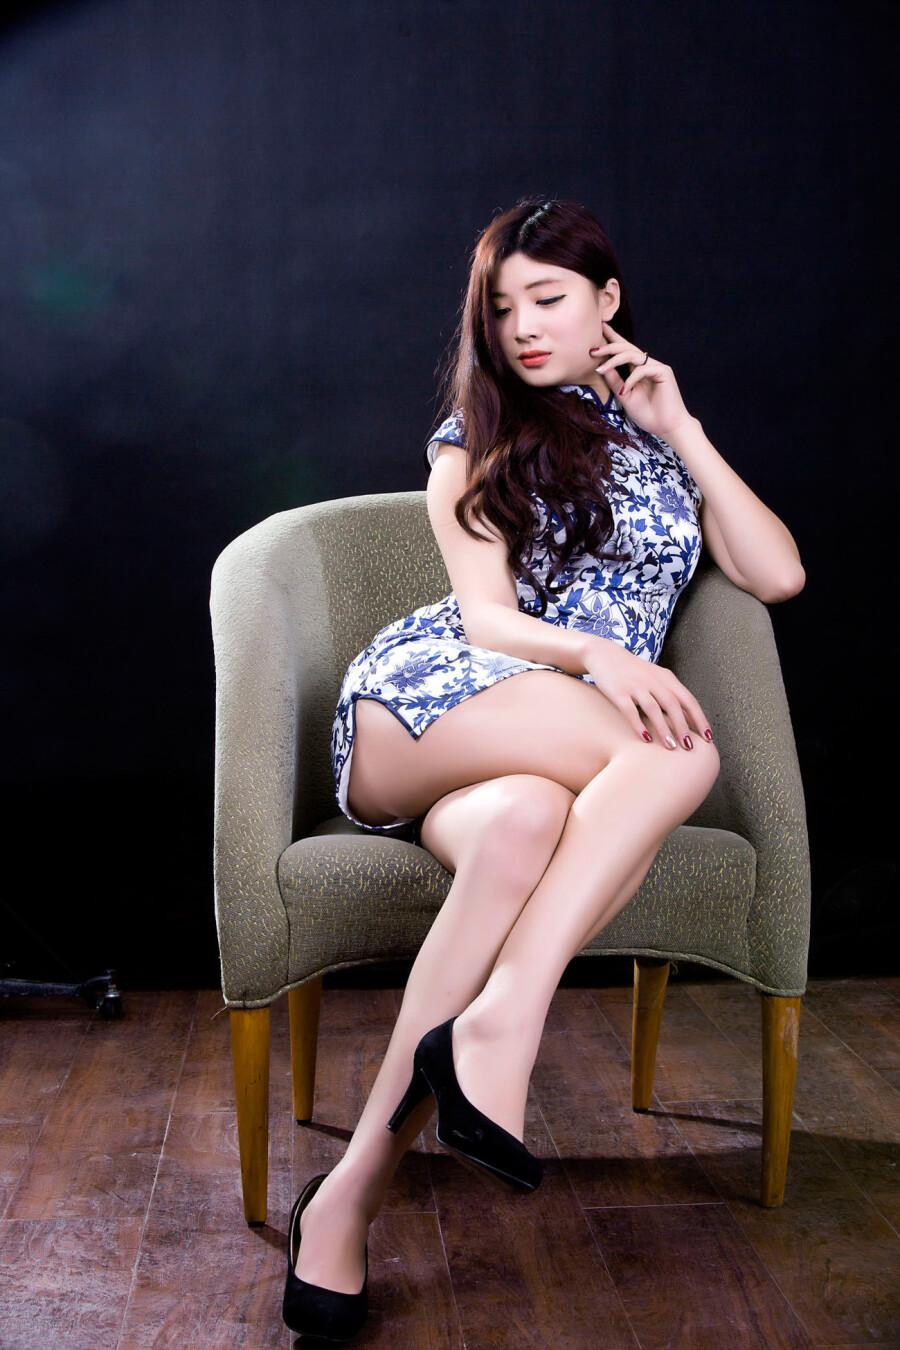 【古装及旗袍素材篇】美眉旗袍 - 浪漫人生 - .